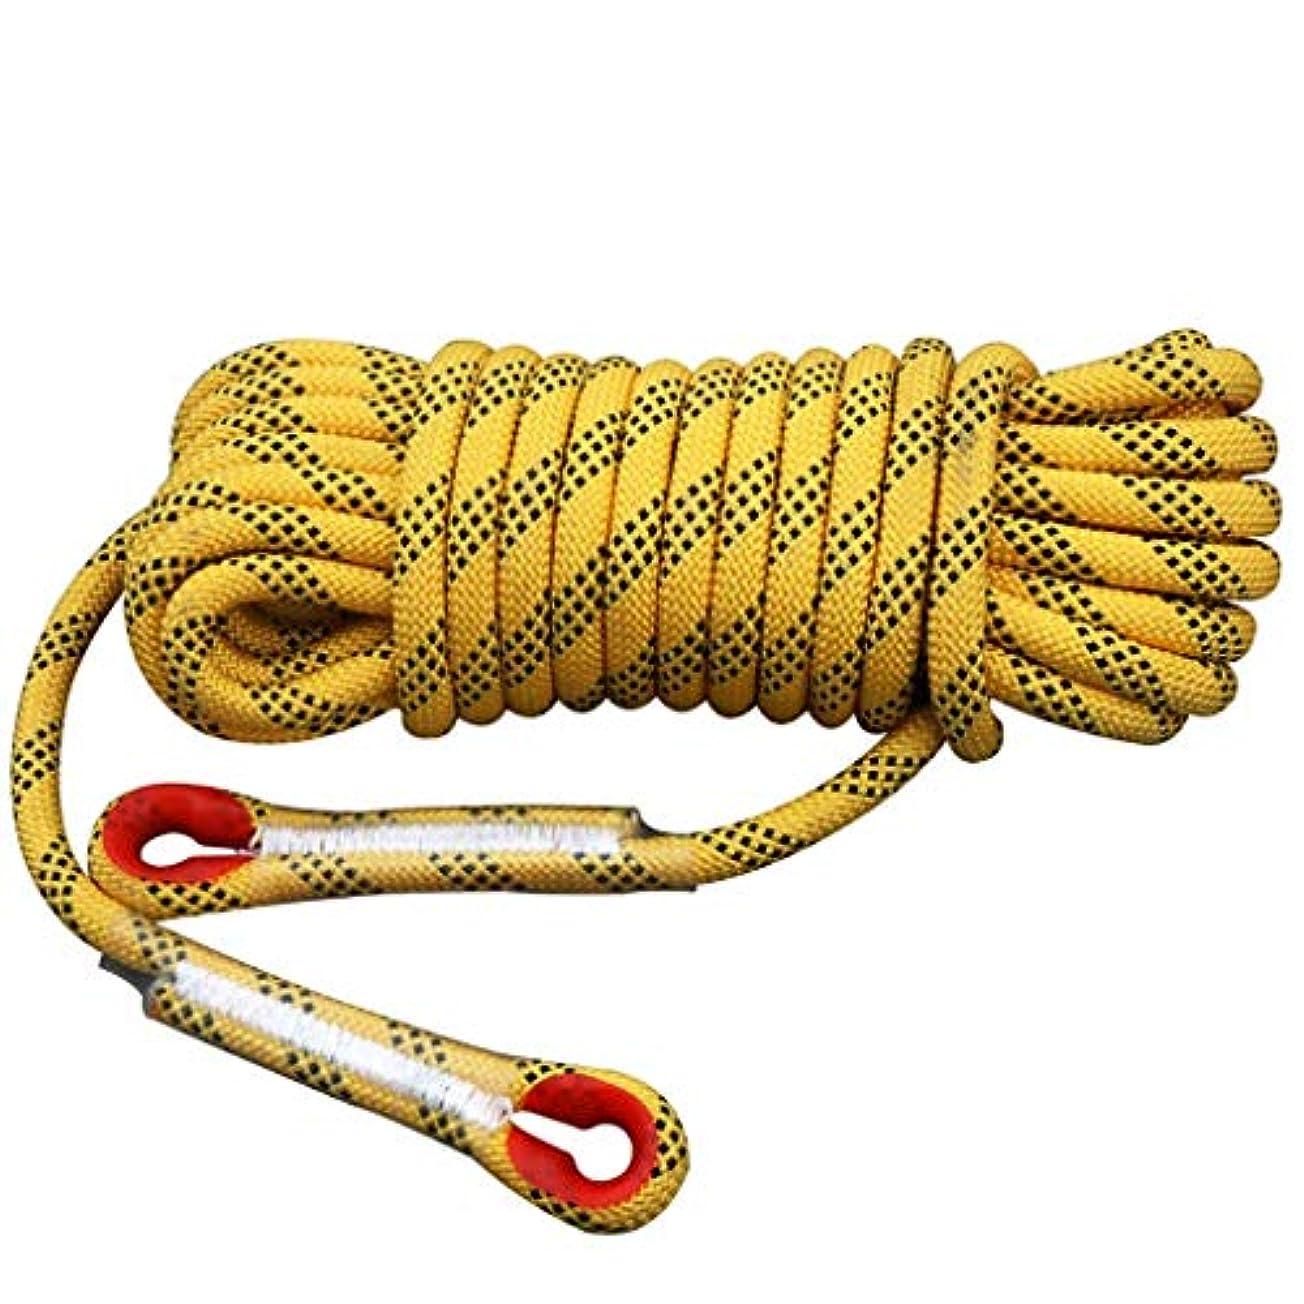 逮捕びっくりした批判的ロープ屋外クライミングロープ、14/12 mm安全ロープクライミングロープロープクライミングロープナイロンロープ脱出装置、30メートル/ 20メートル/ 15メートル/ 10メートル(サイズ:12ミリメートル - 30メートル)